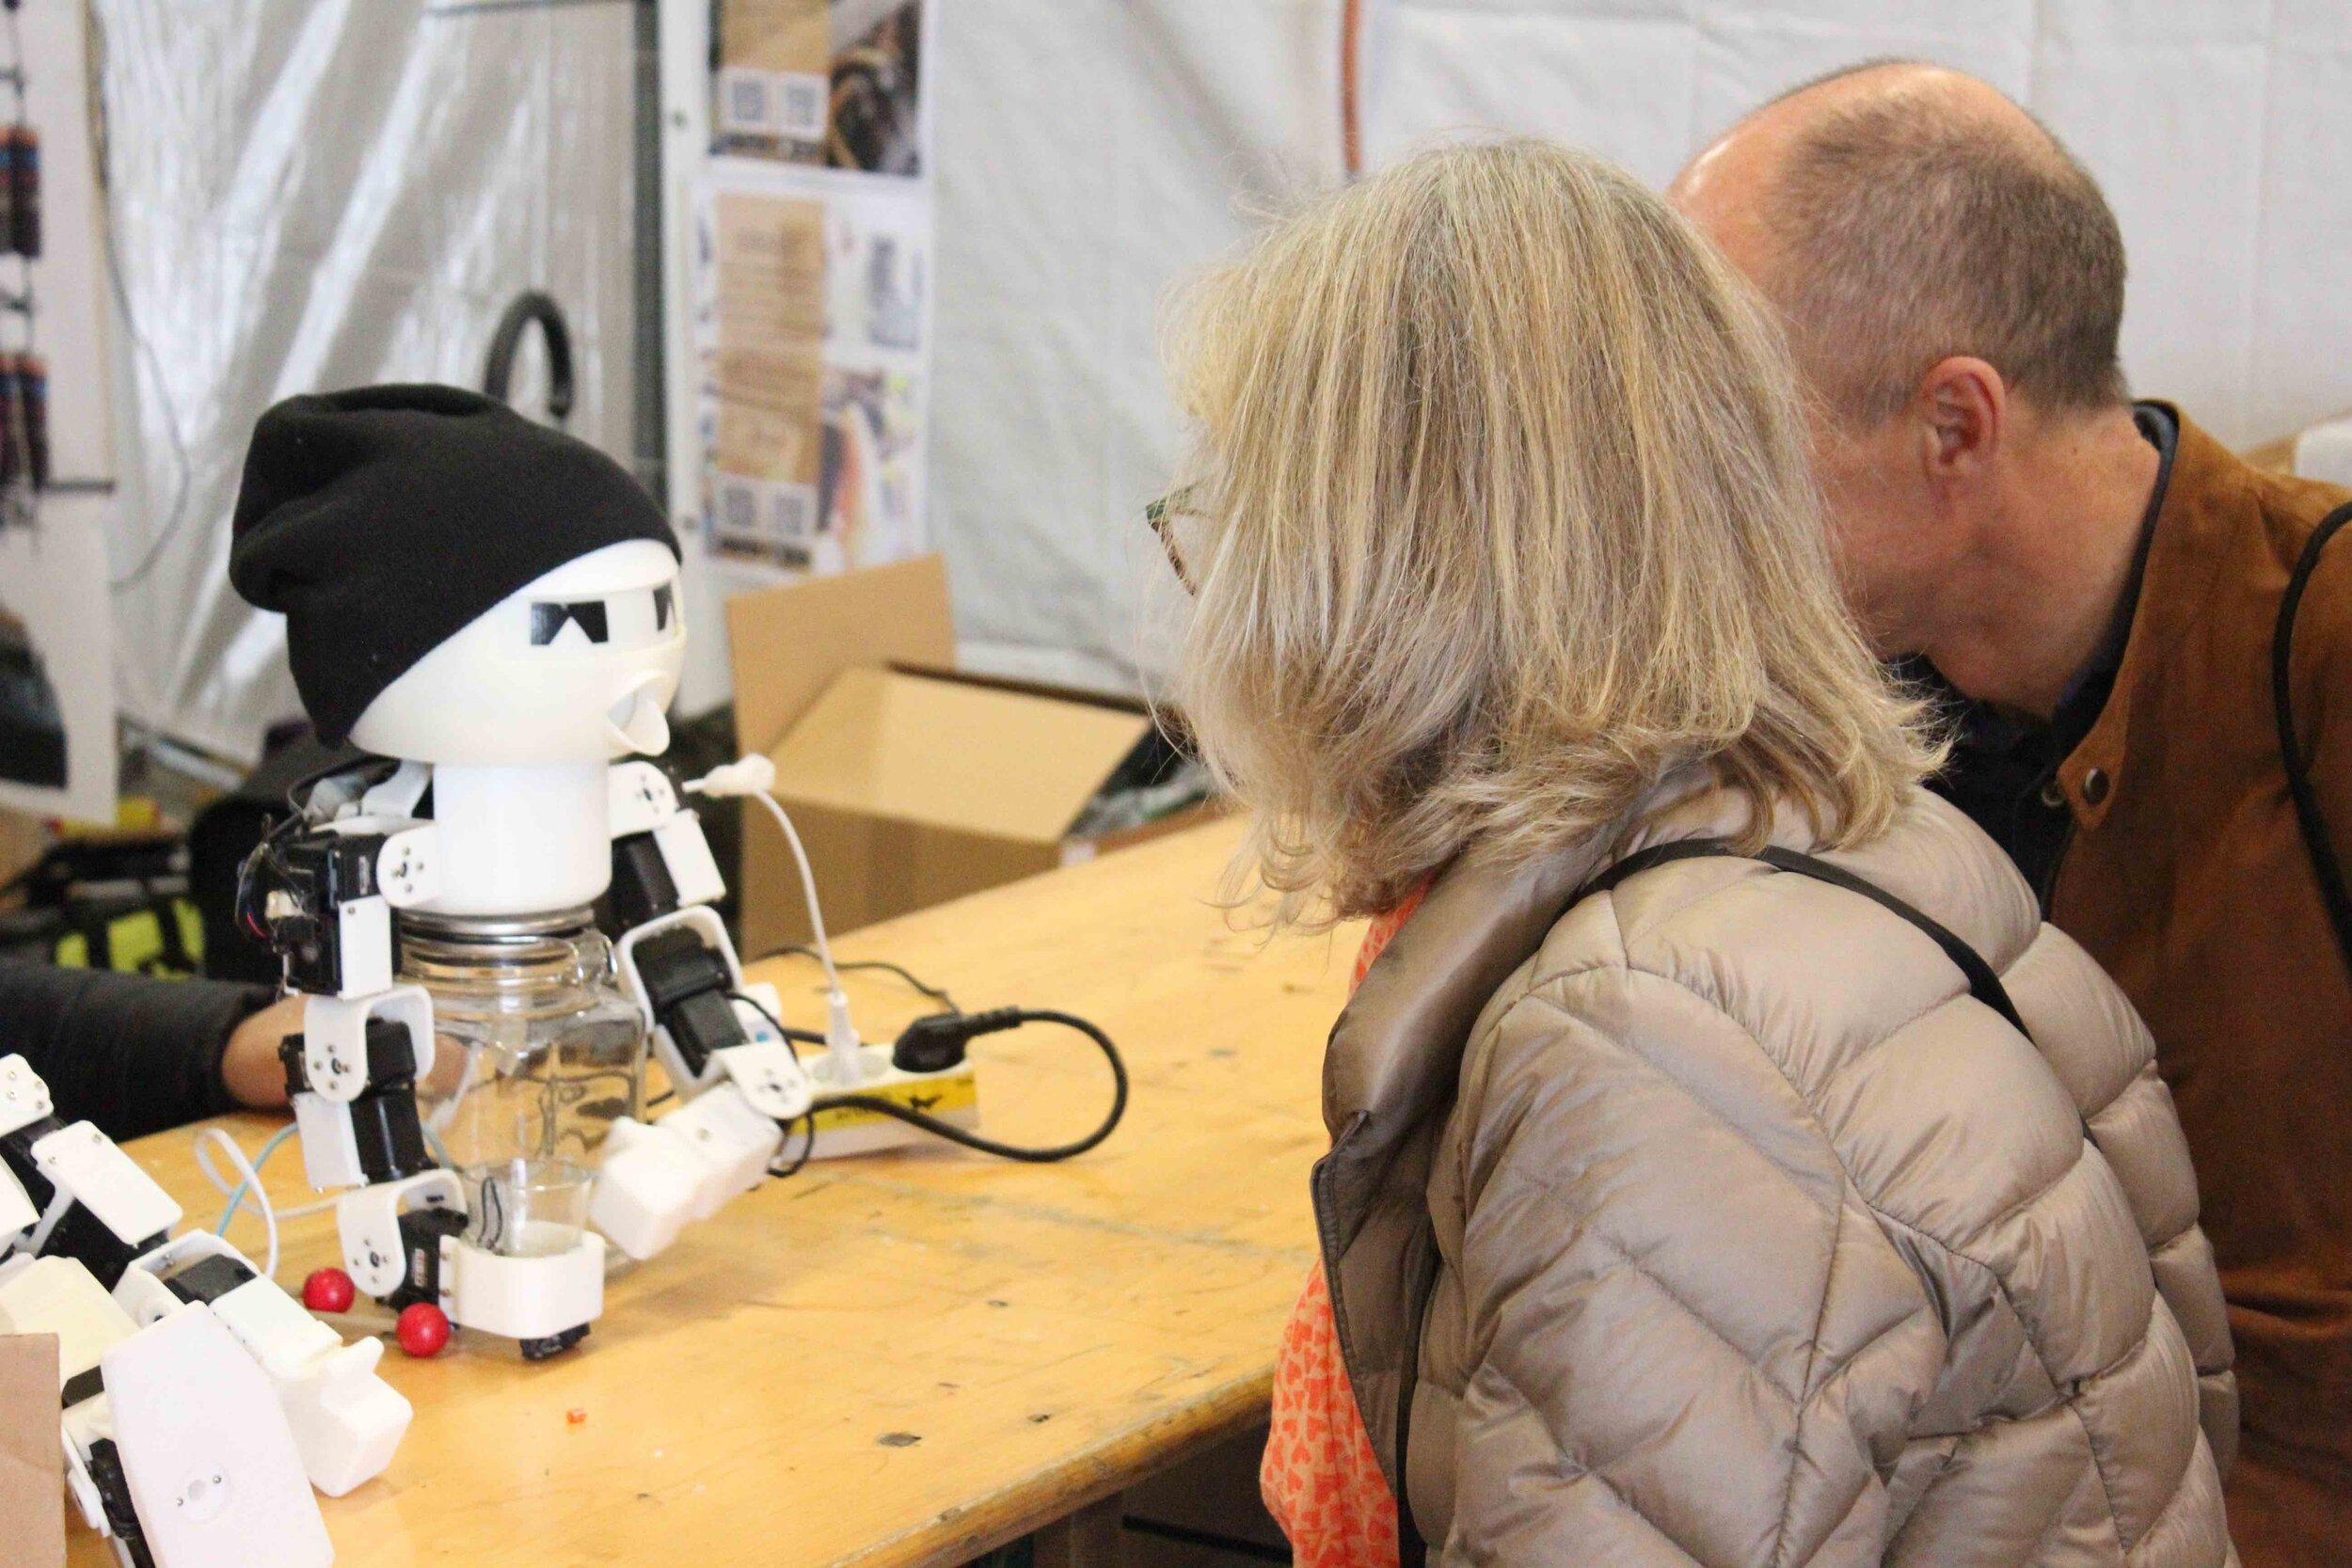 Kreativ ingeniørvidenskab - De gode ingeniører fra Elektronikklubben har tømt deres opfinder-grotte og har medbragt diverse apparater og hjemmelavede projekter, som I kan afprøve: en ShotBot, en robotarme og danseshows, DIY flippermaskiner m.m. Vært: Elektronikklubben, Ballerup